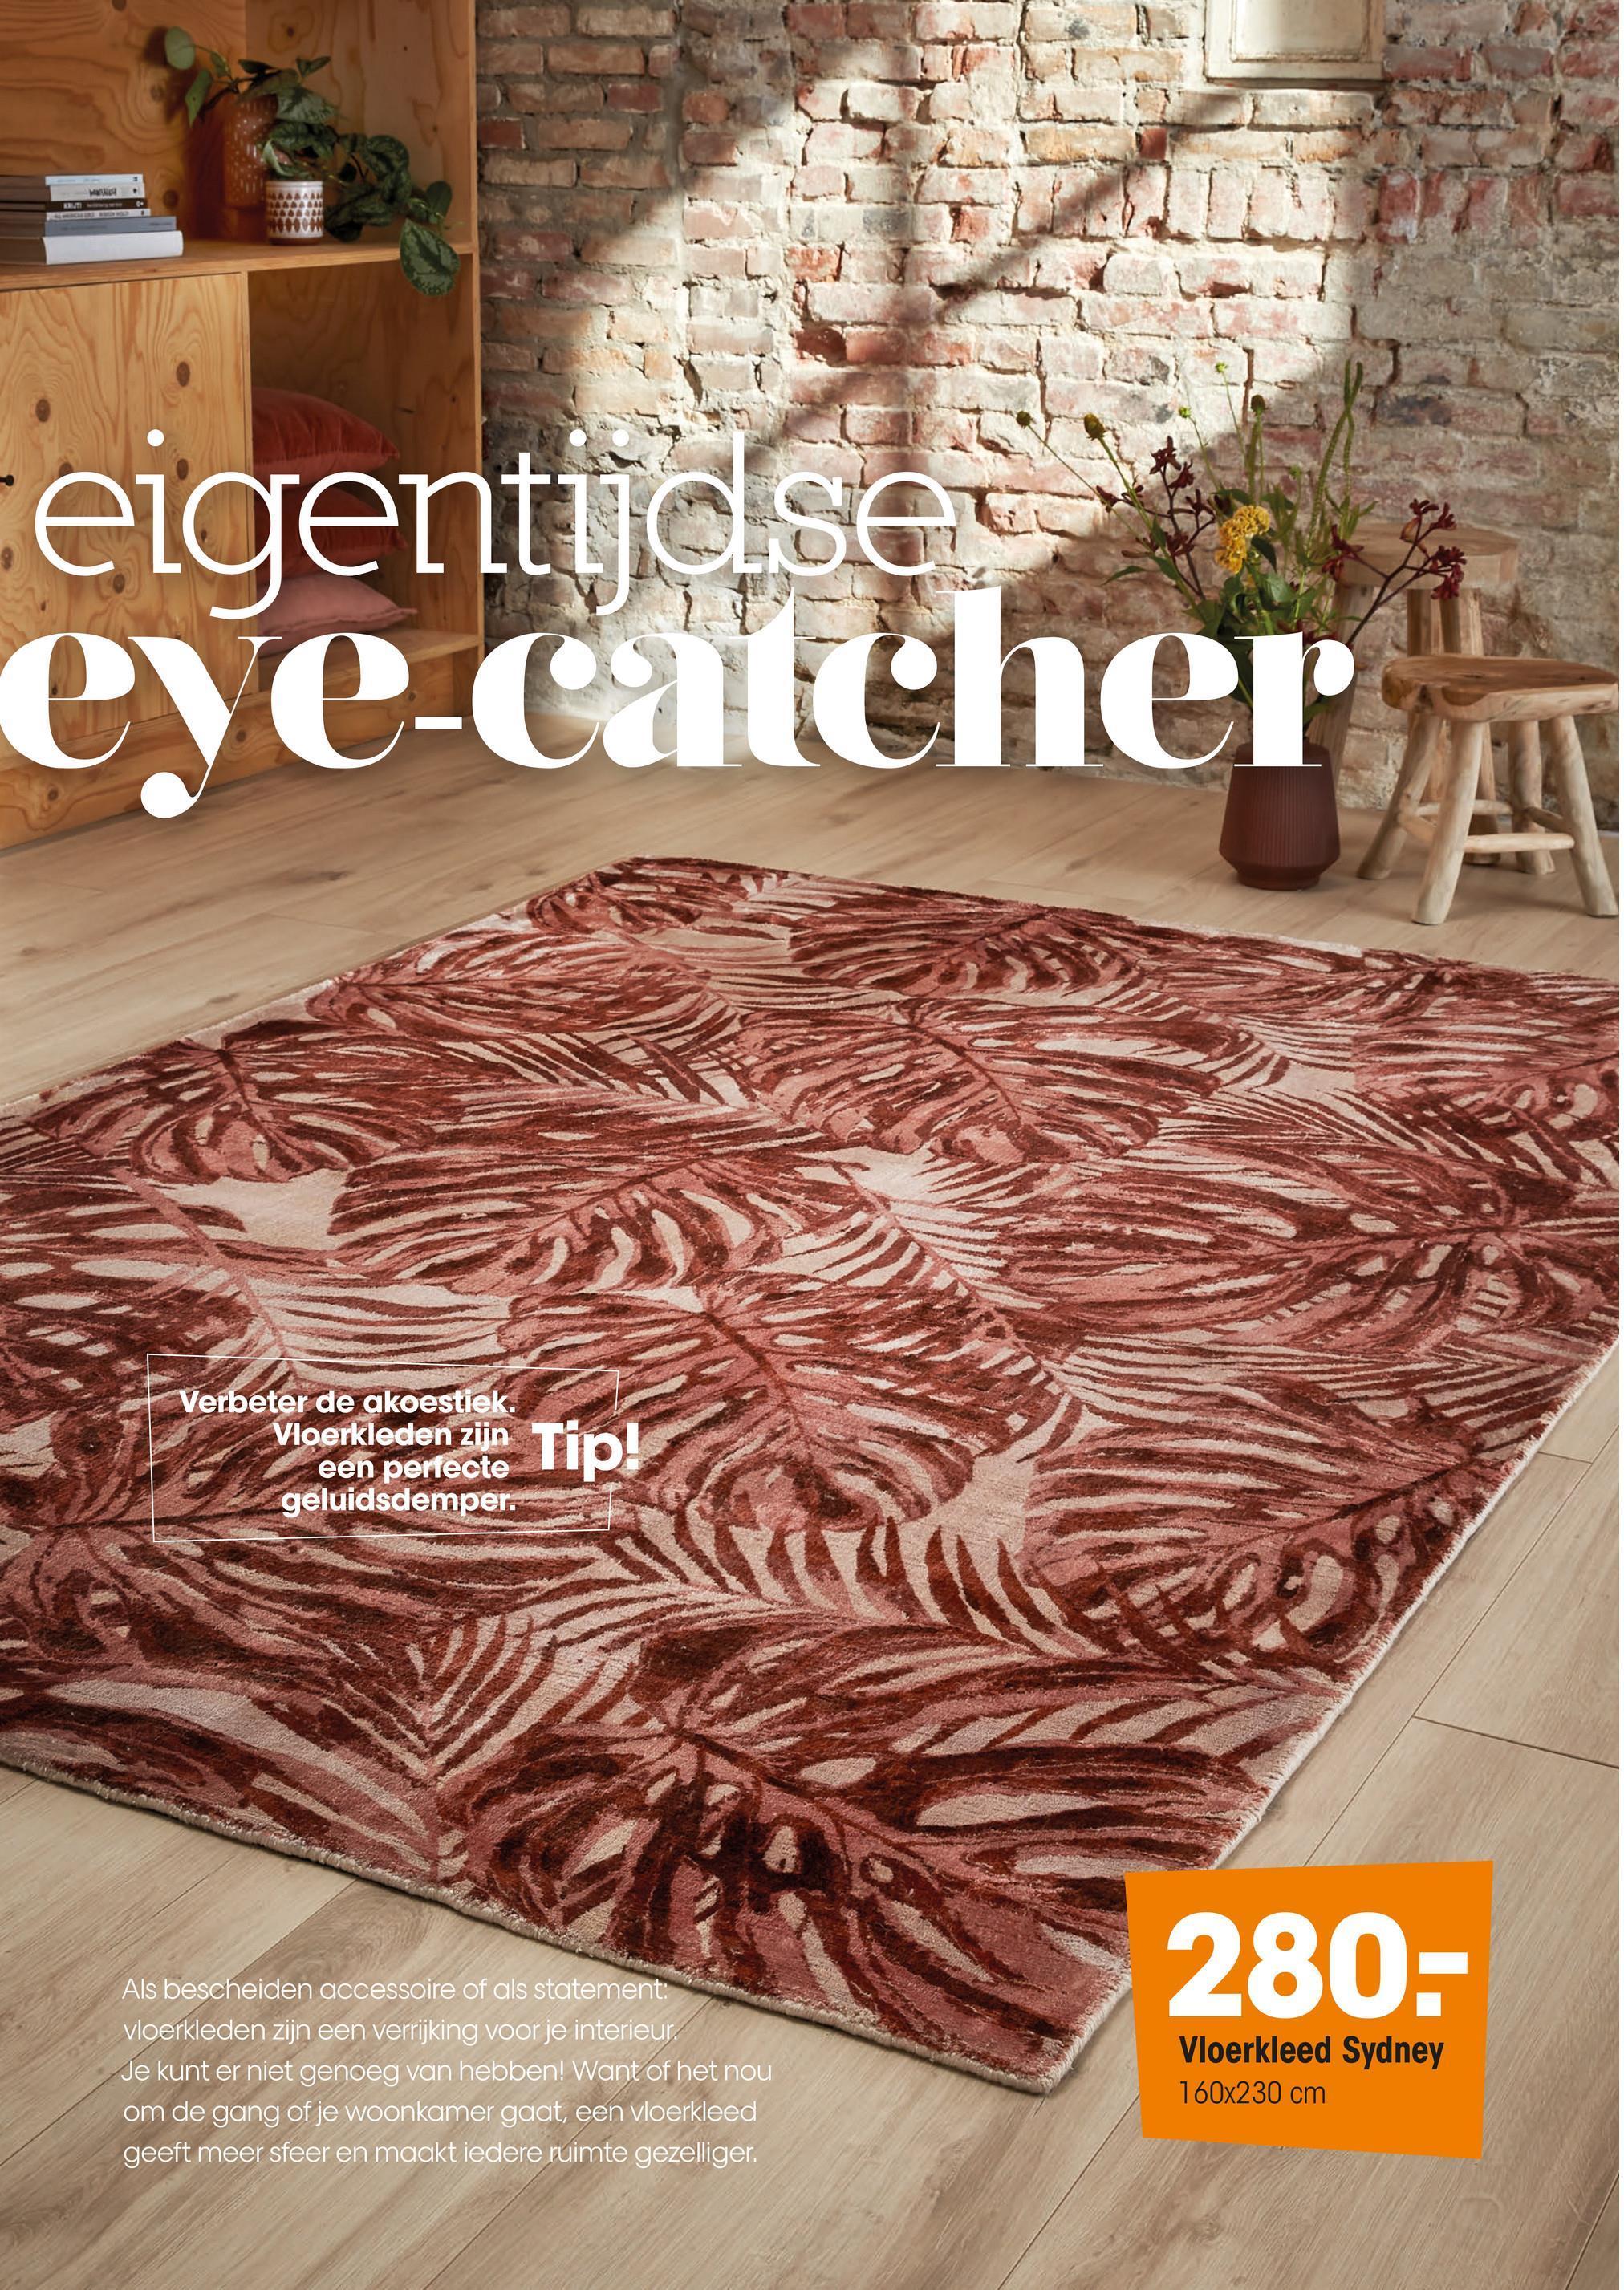 Vloerkleed Sydney Oranje Handgeweven vloerkleed van zacht materiaal met bladeren print. Voorzien van het Care & Fair keurmerk. Niet wasbaar. 230x160 cm (lxb).